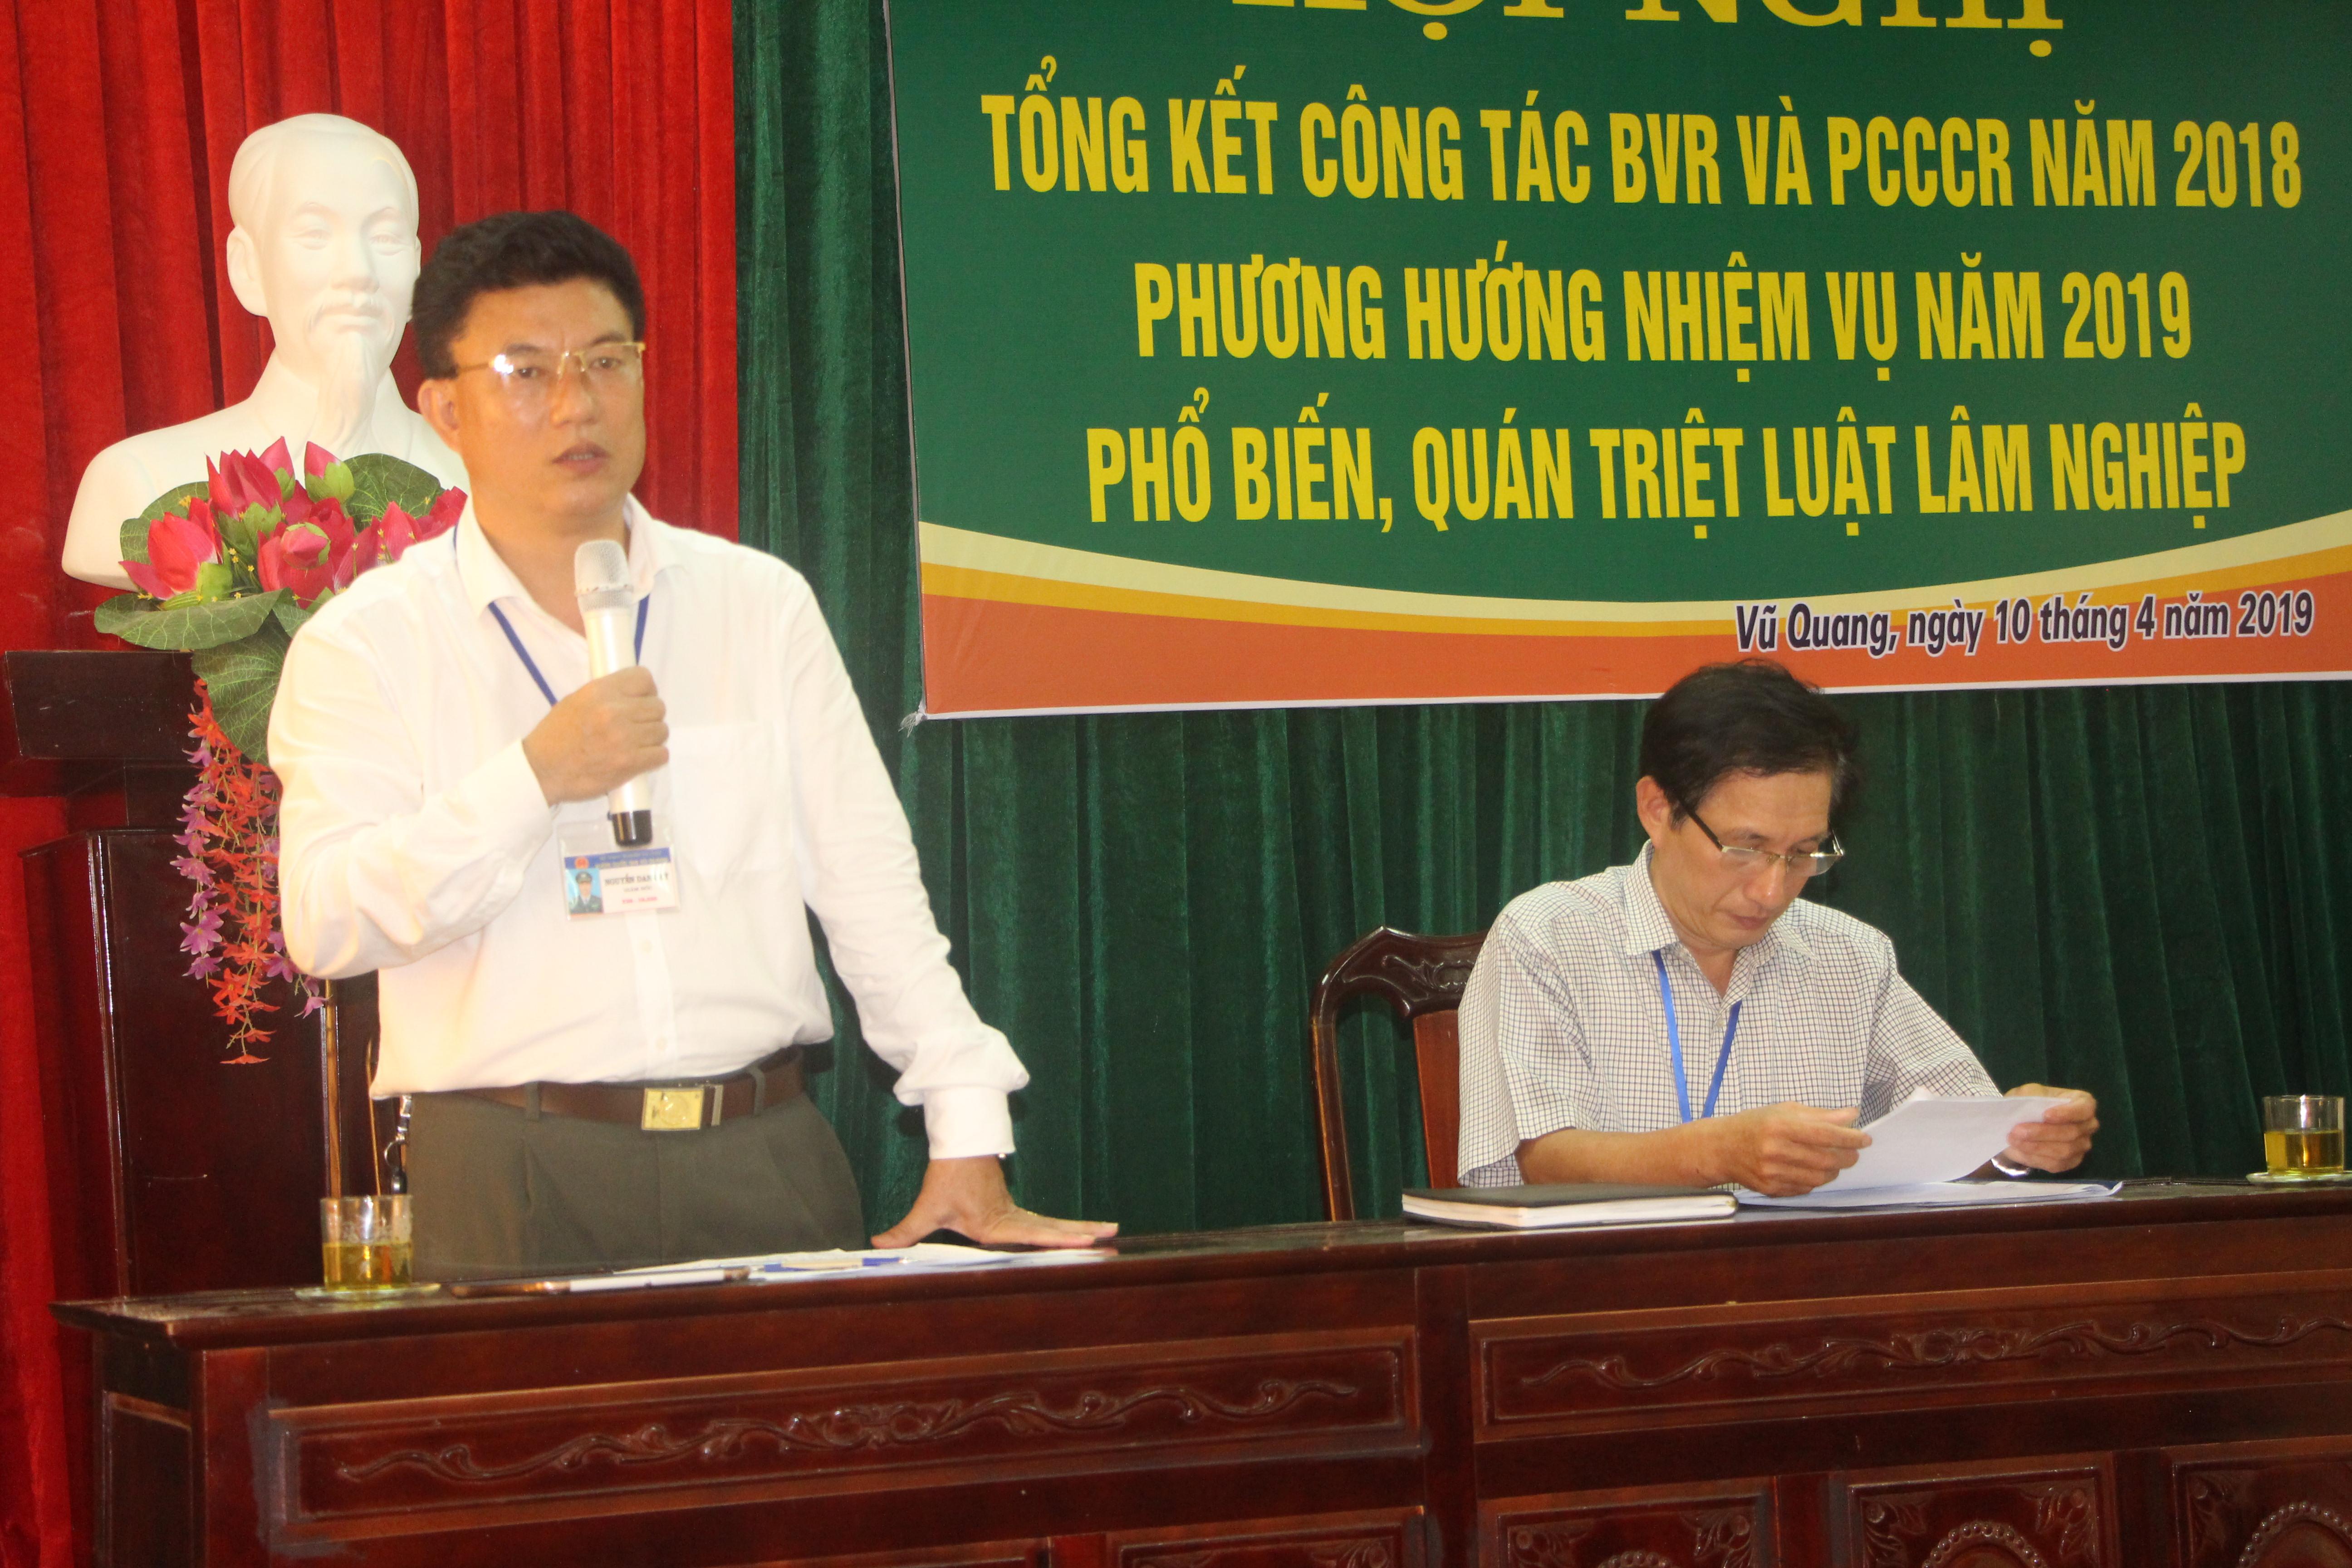 Hội nghị Tổng kết công tác BVR-PCCCR năm 2018, phương hướng nhiệm vụ năm 2019